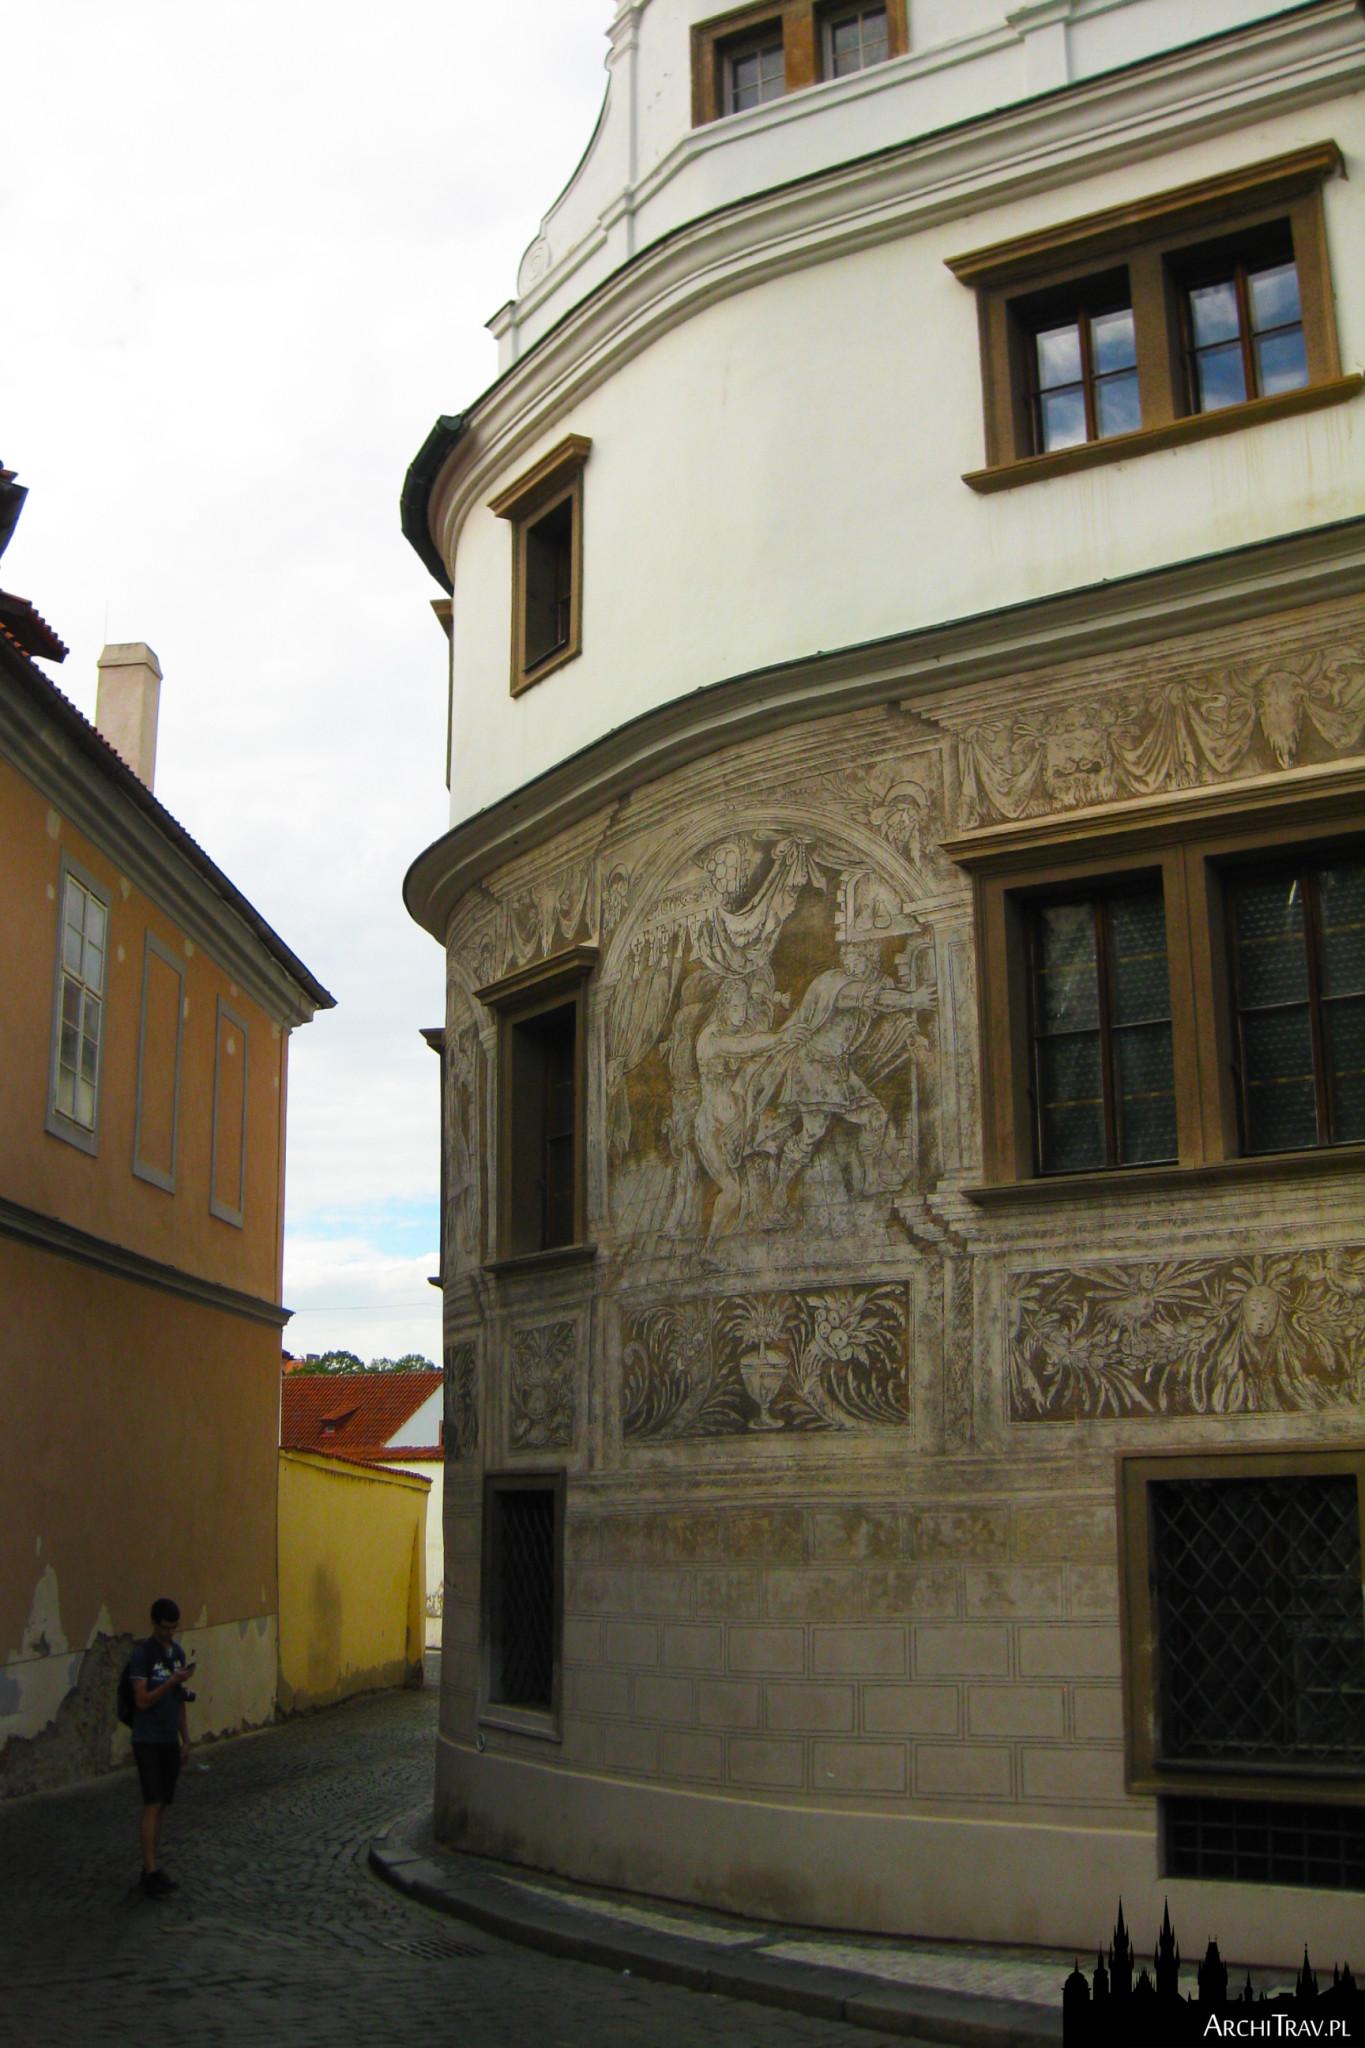 uliczka w Pradze, na pierwszym planie zaokrąglony budynek, a na nim freski